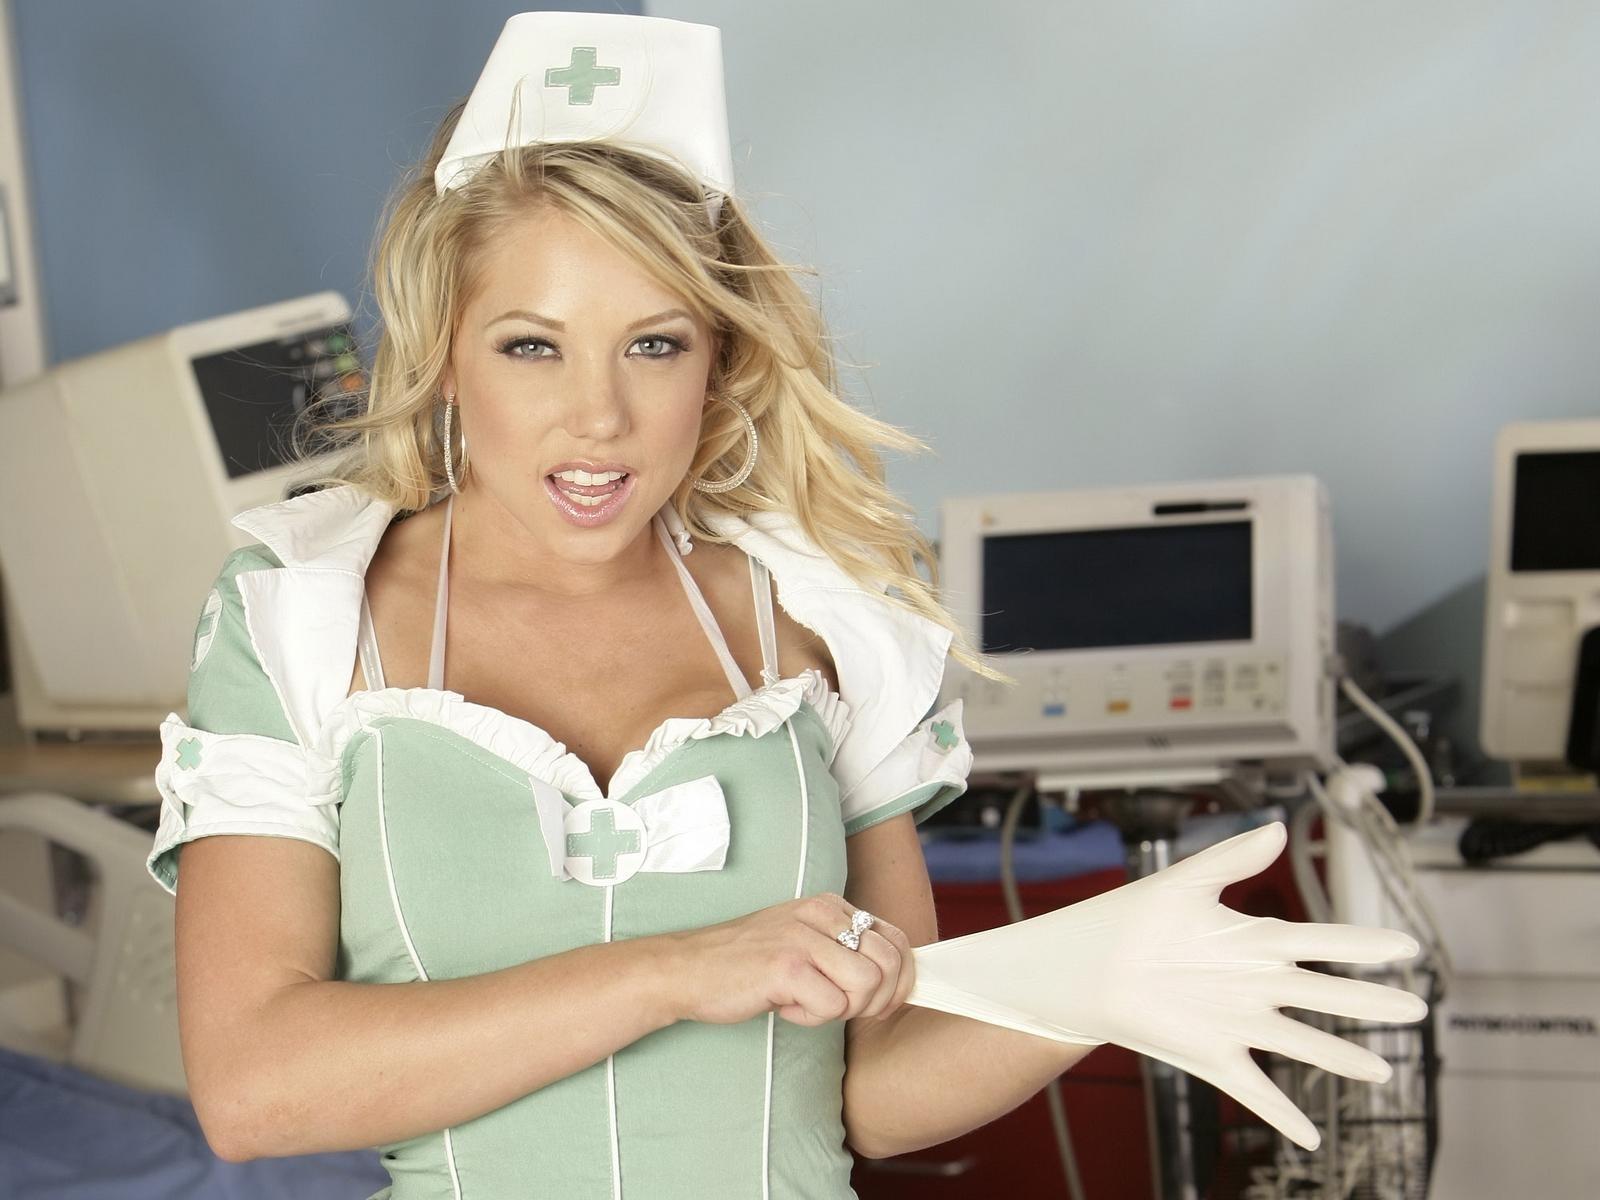 Фото порна мёдсёстры, Голые медсестры Фото эротики секс медсестер 23 фотография